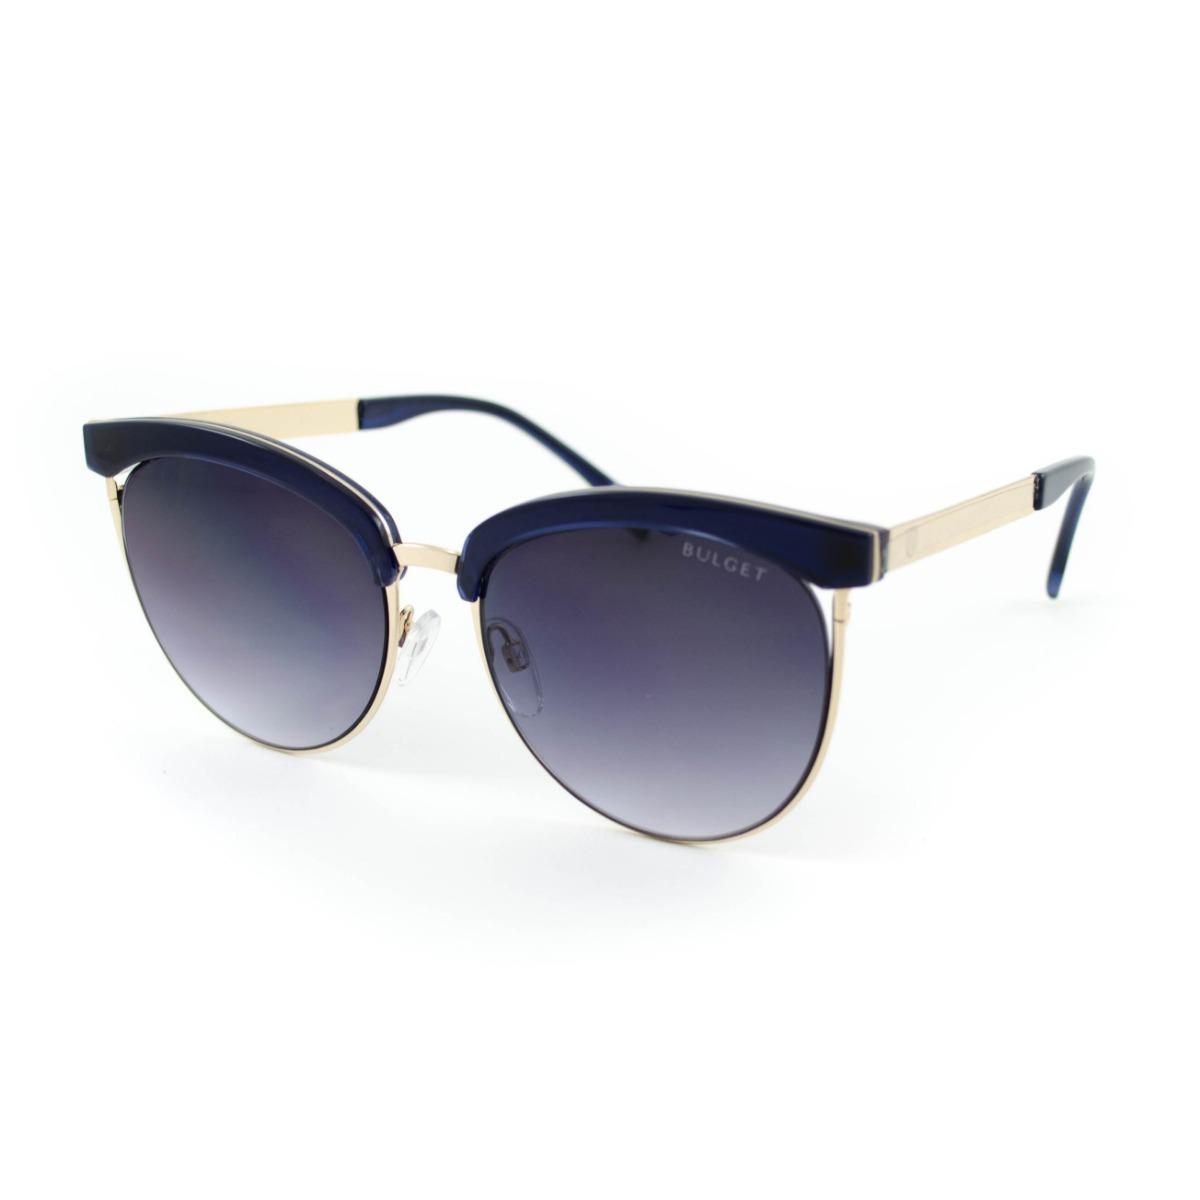 efc61563f7313 ... cor preto e detalhe dourado. óculos de sol bulget - bg5114 t01 - azul.  Carregando zoom.